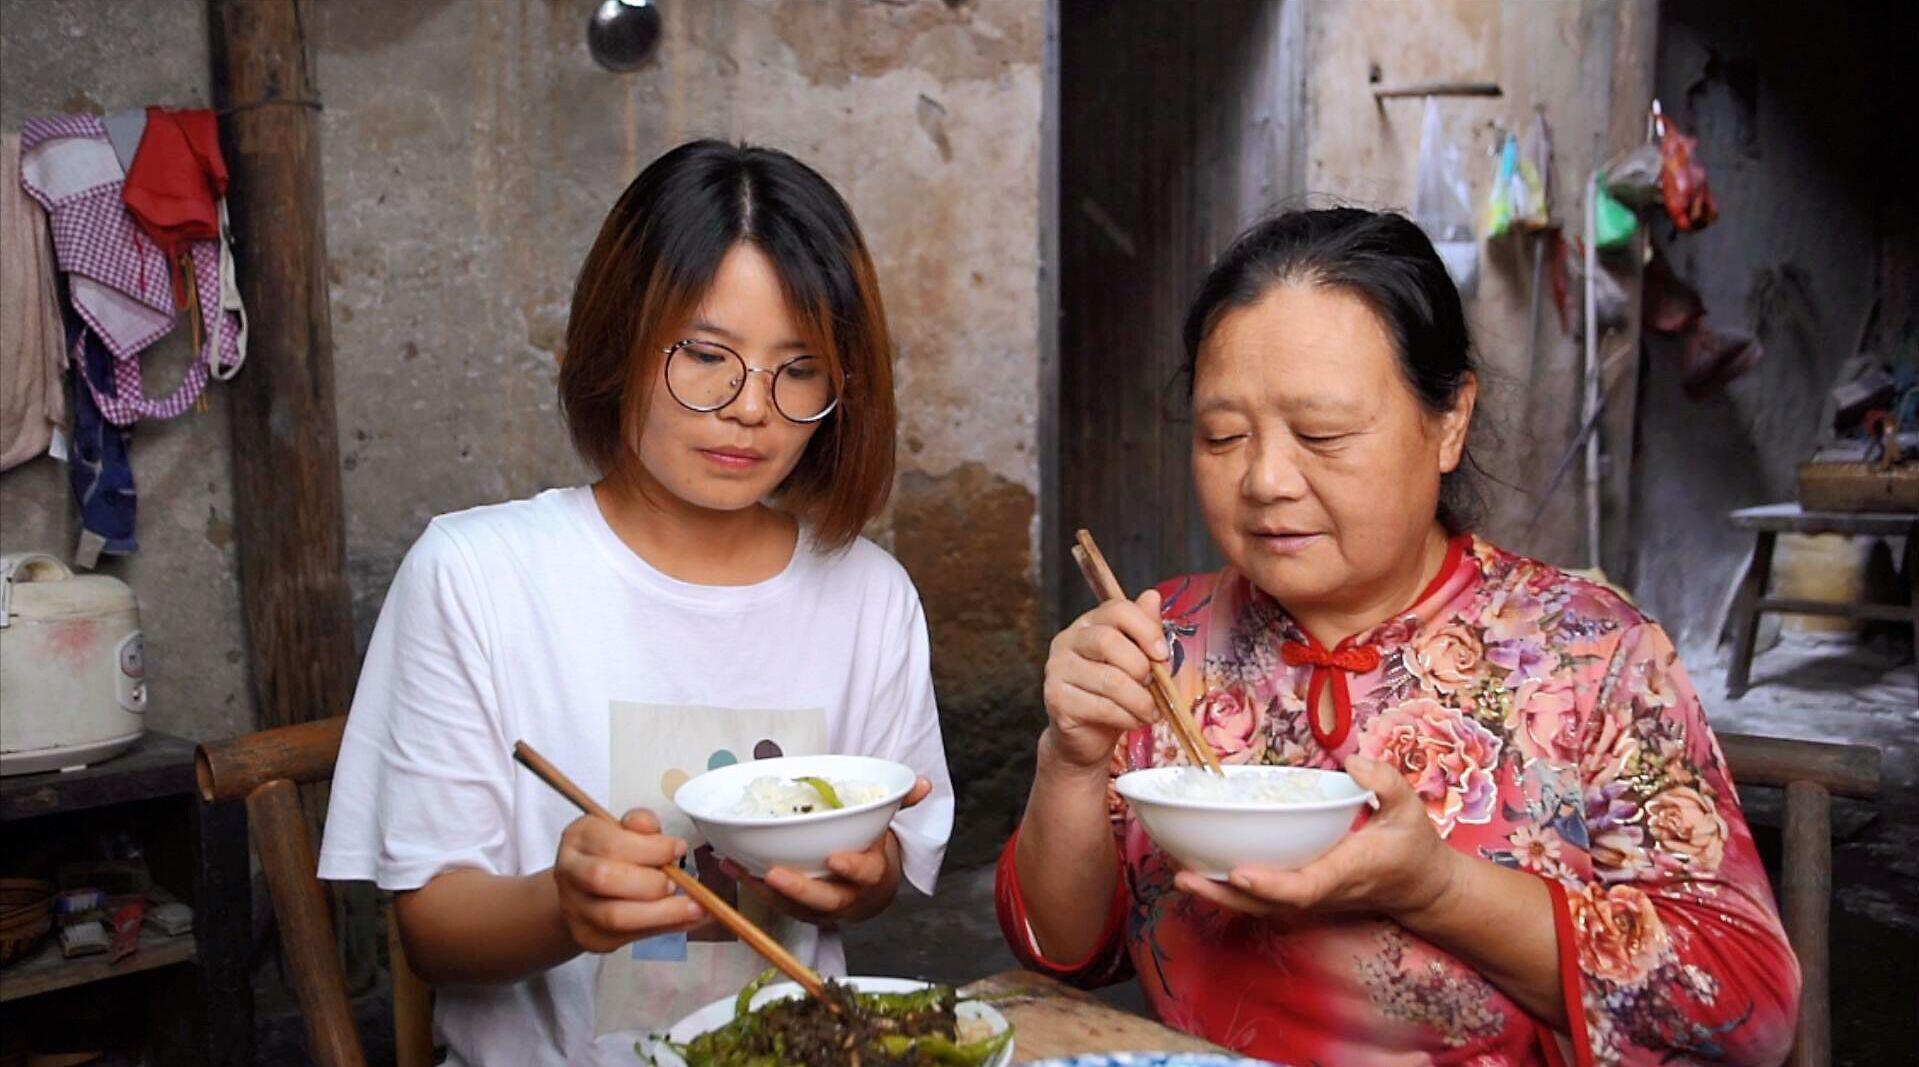 儿媳妇跟农村婆婆同住,做梦都想吃鸡,看婆婆让儿媳吃的啥